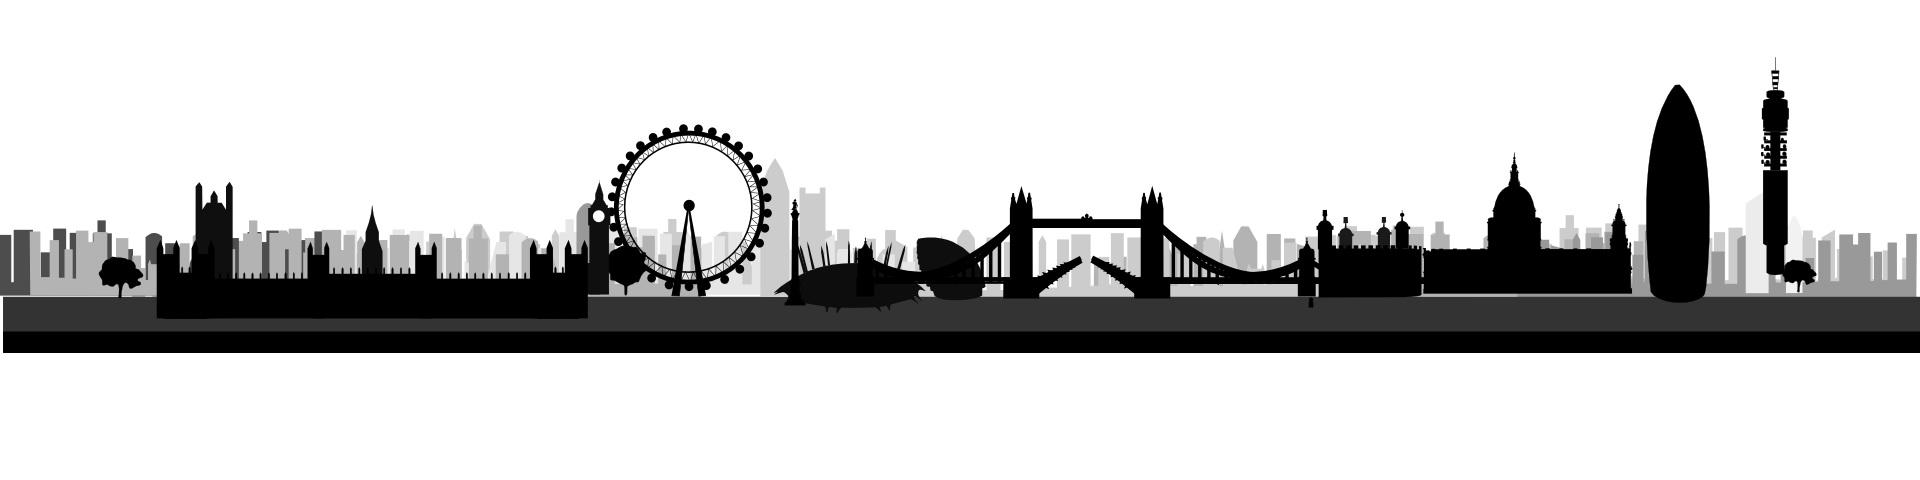 London+Skyline.jpg